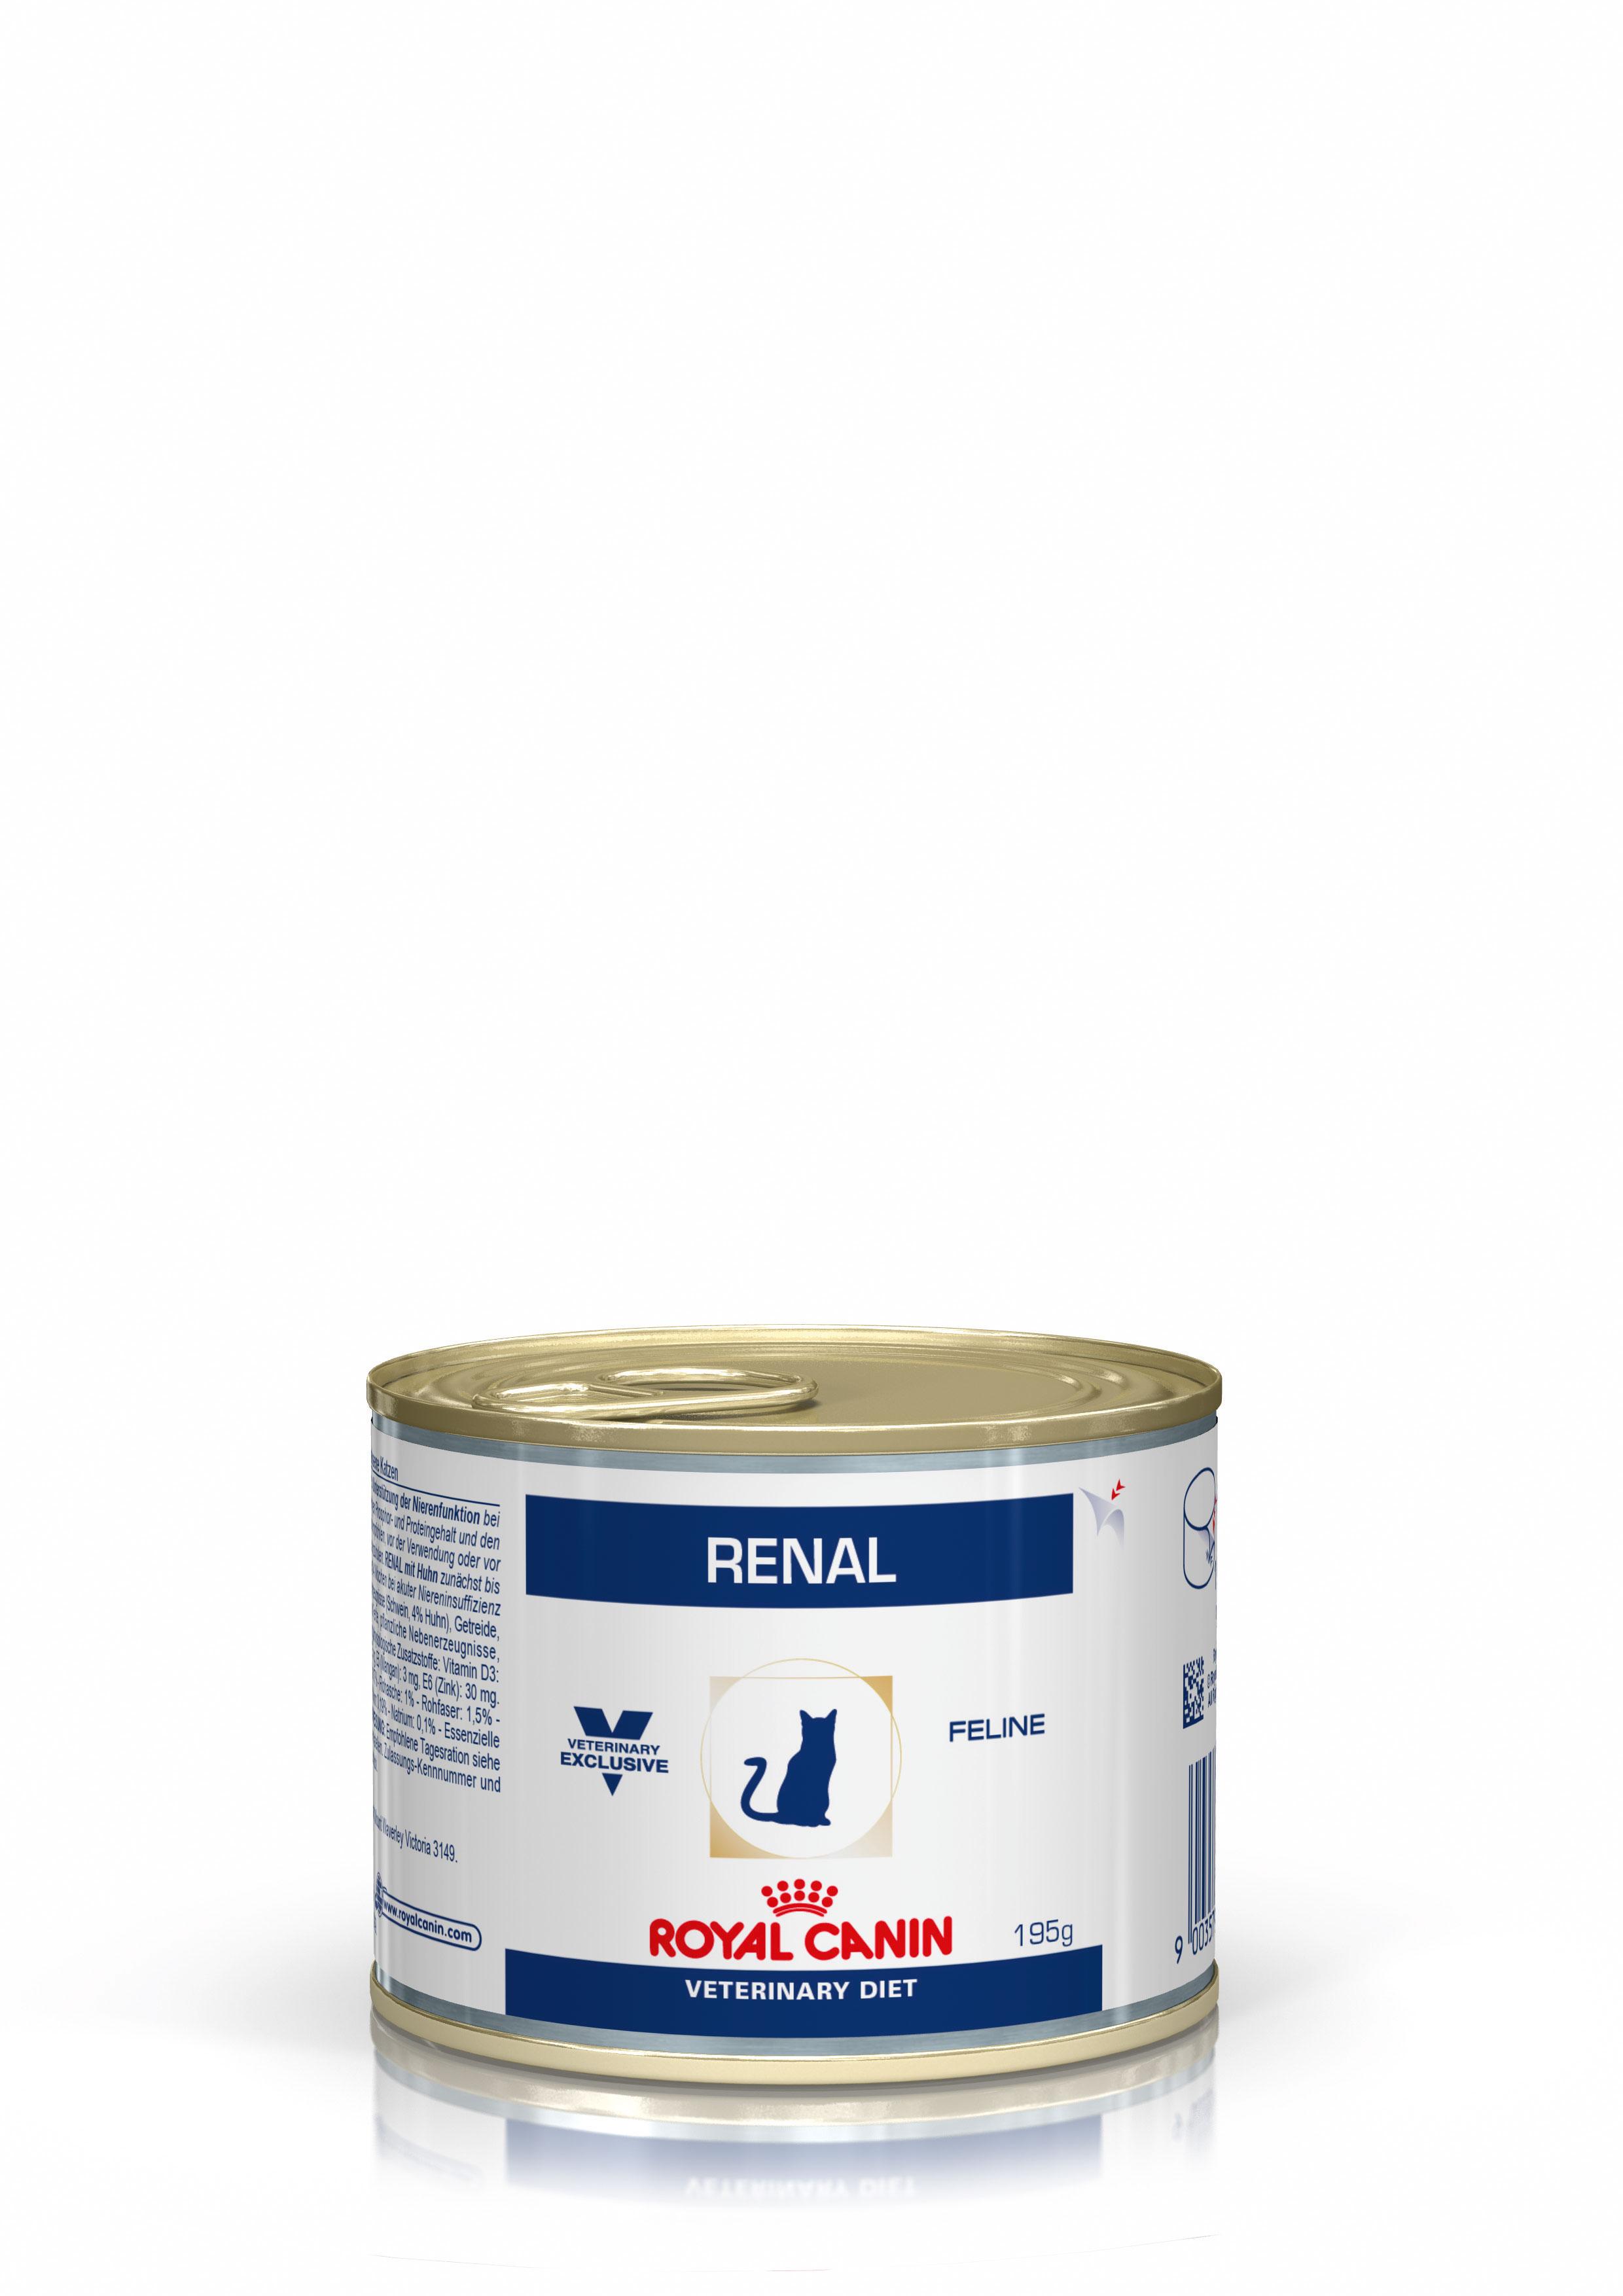 Renal (wet)